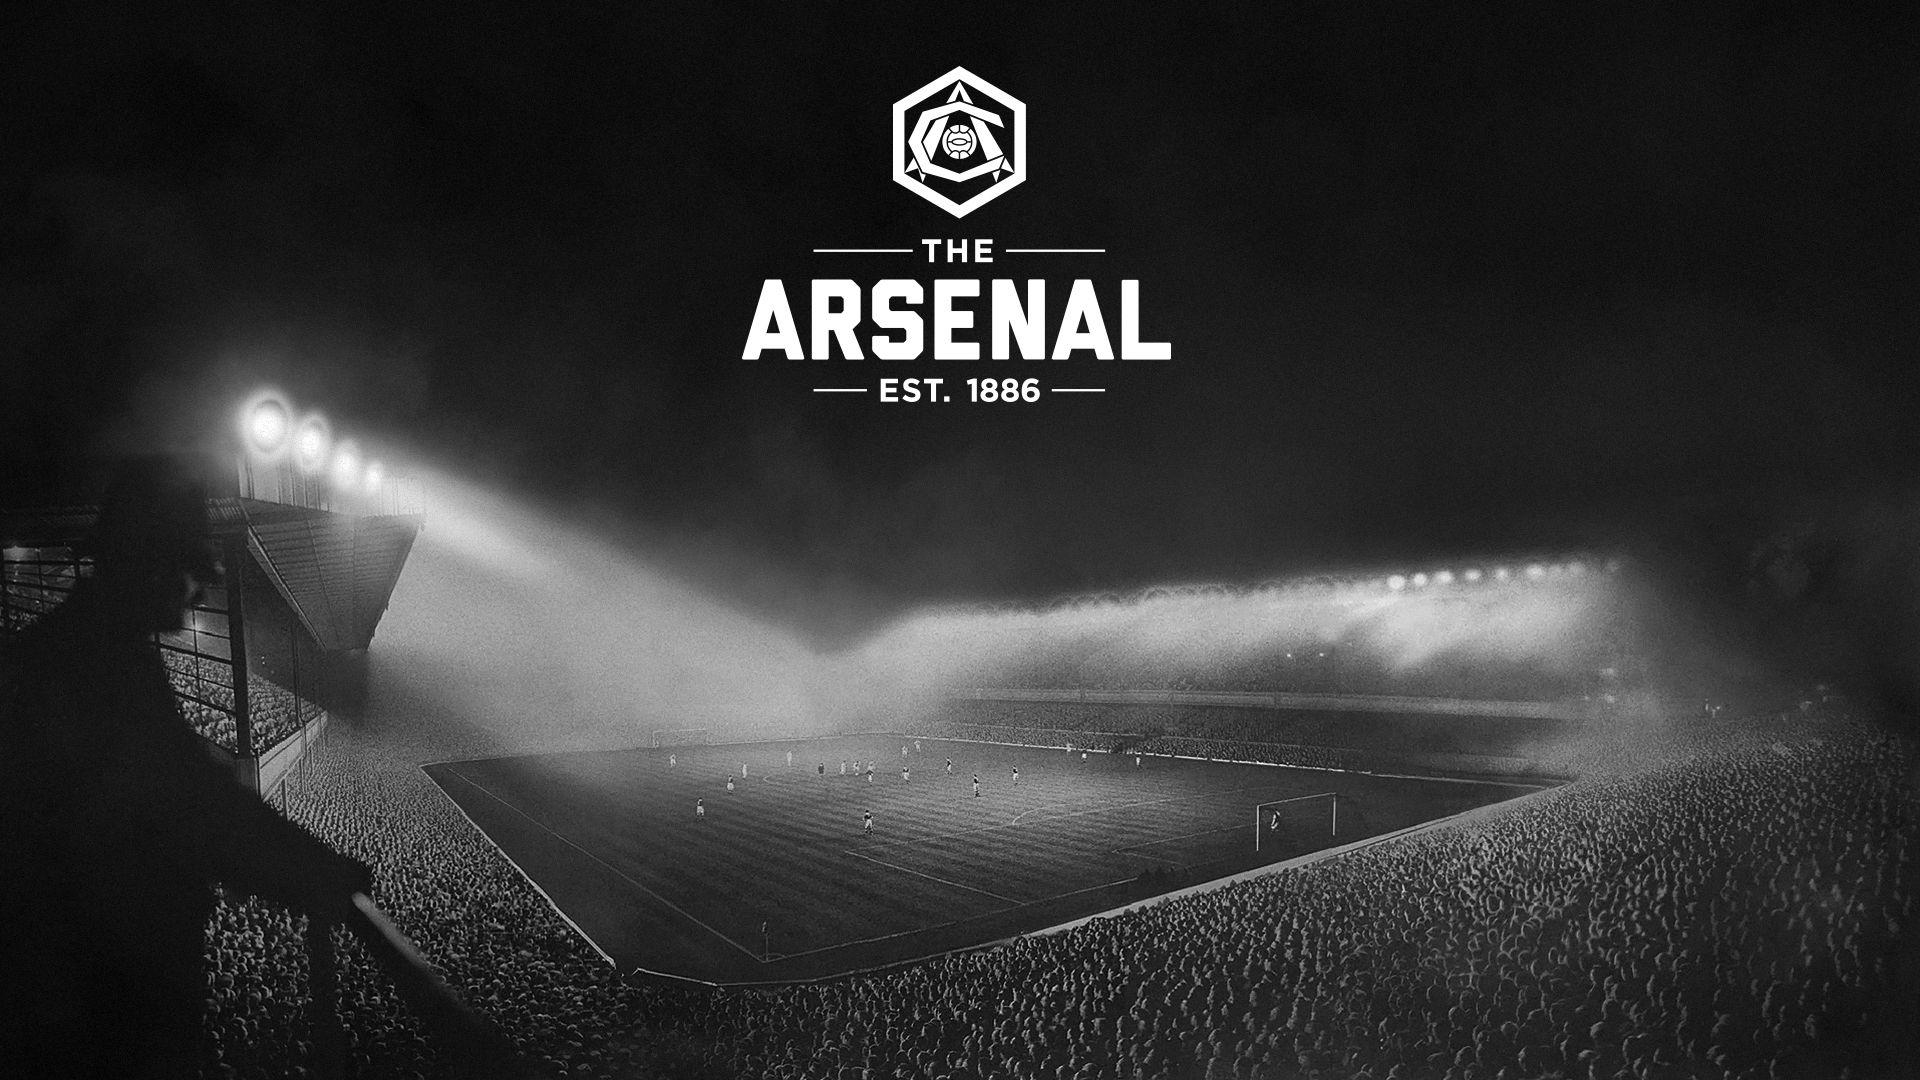 1920x1080px Arsenal Wallpaper Hd